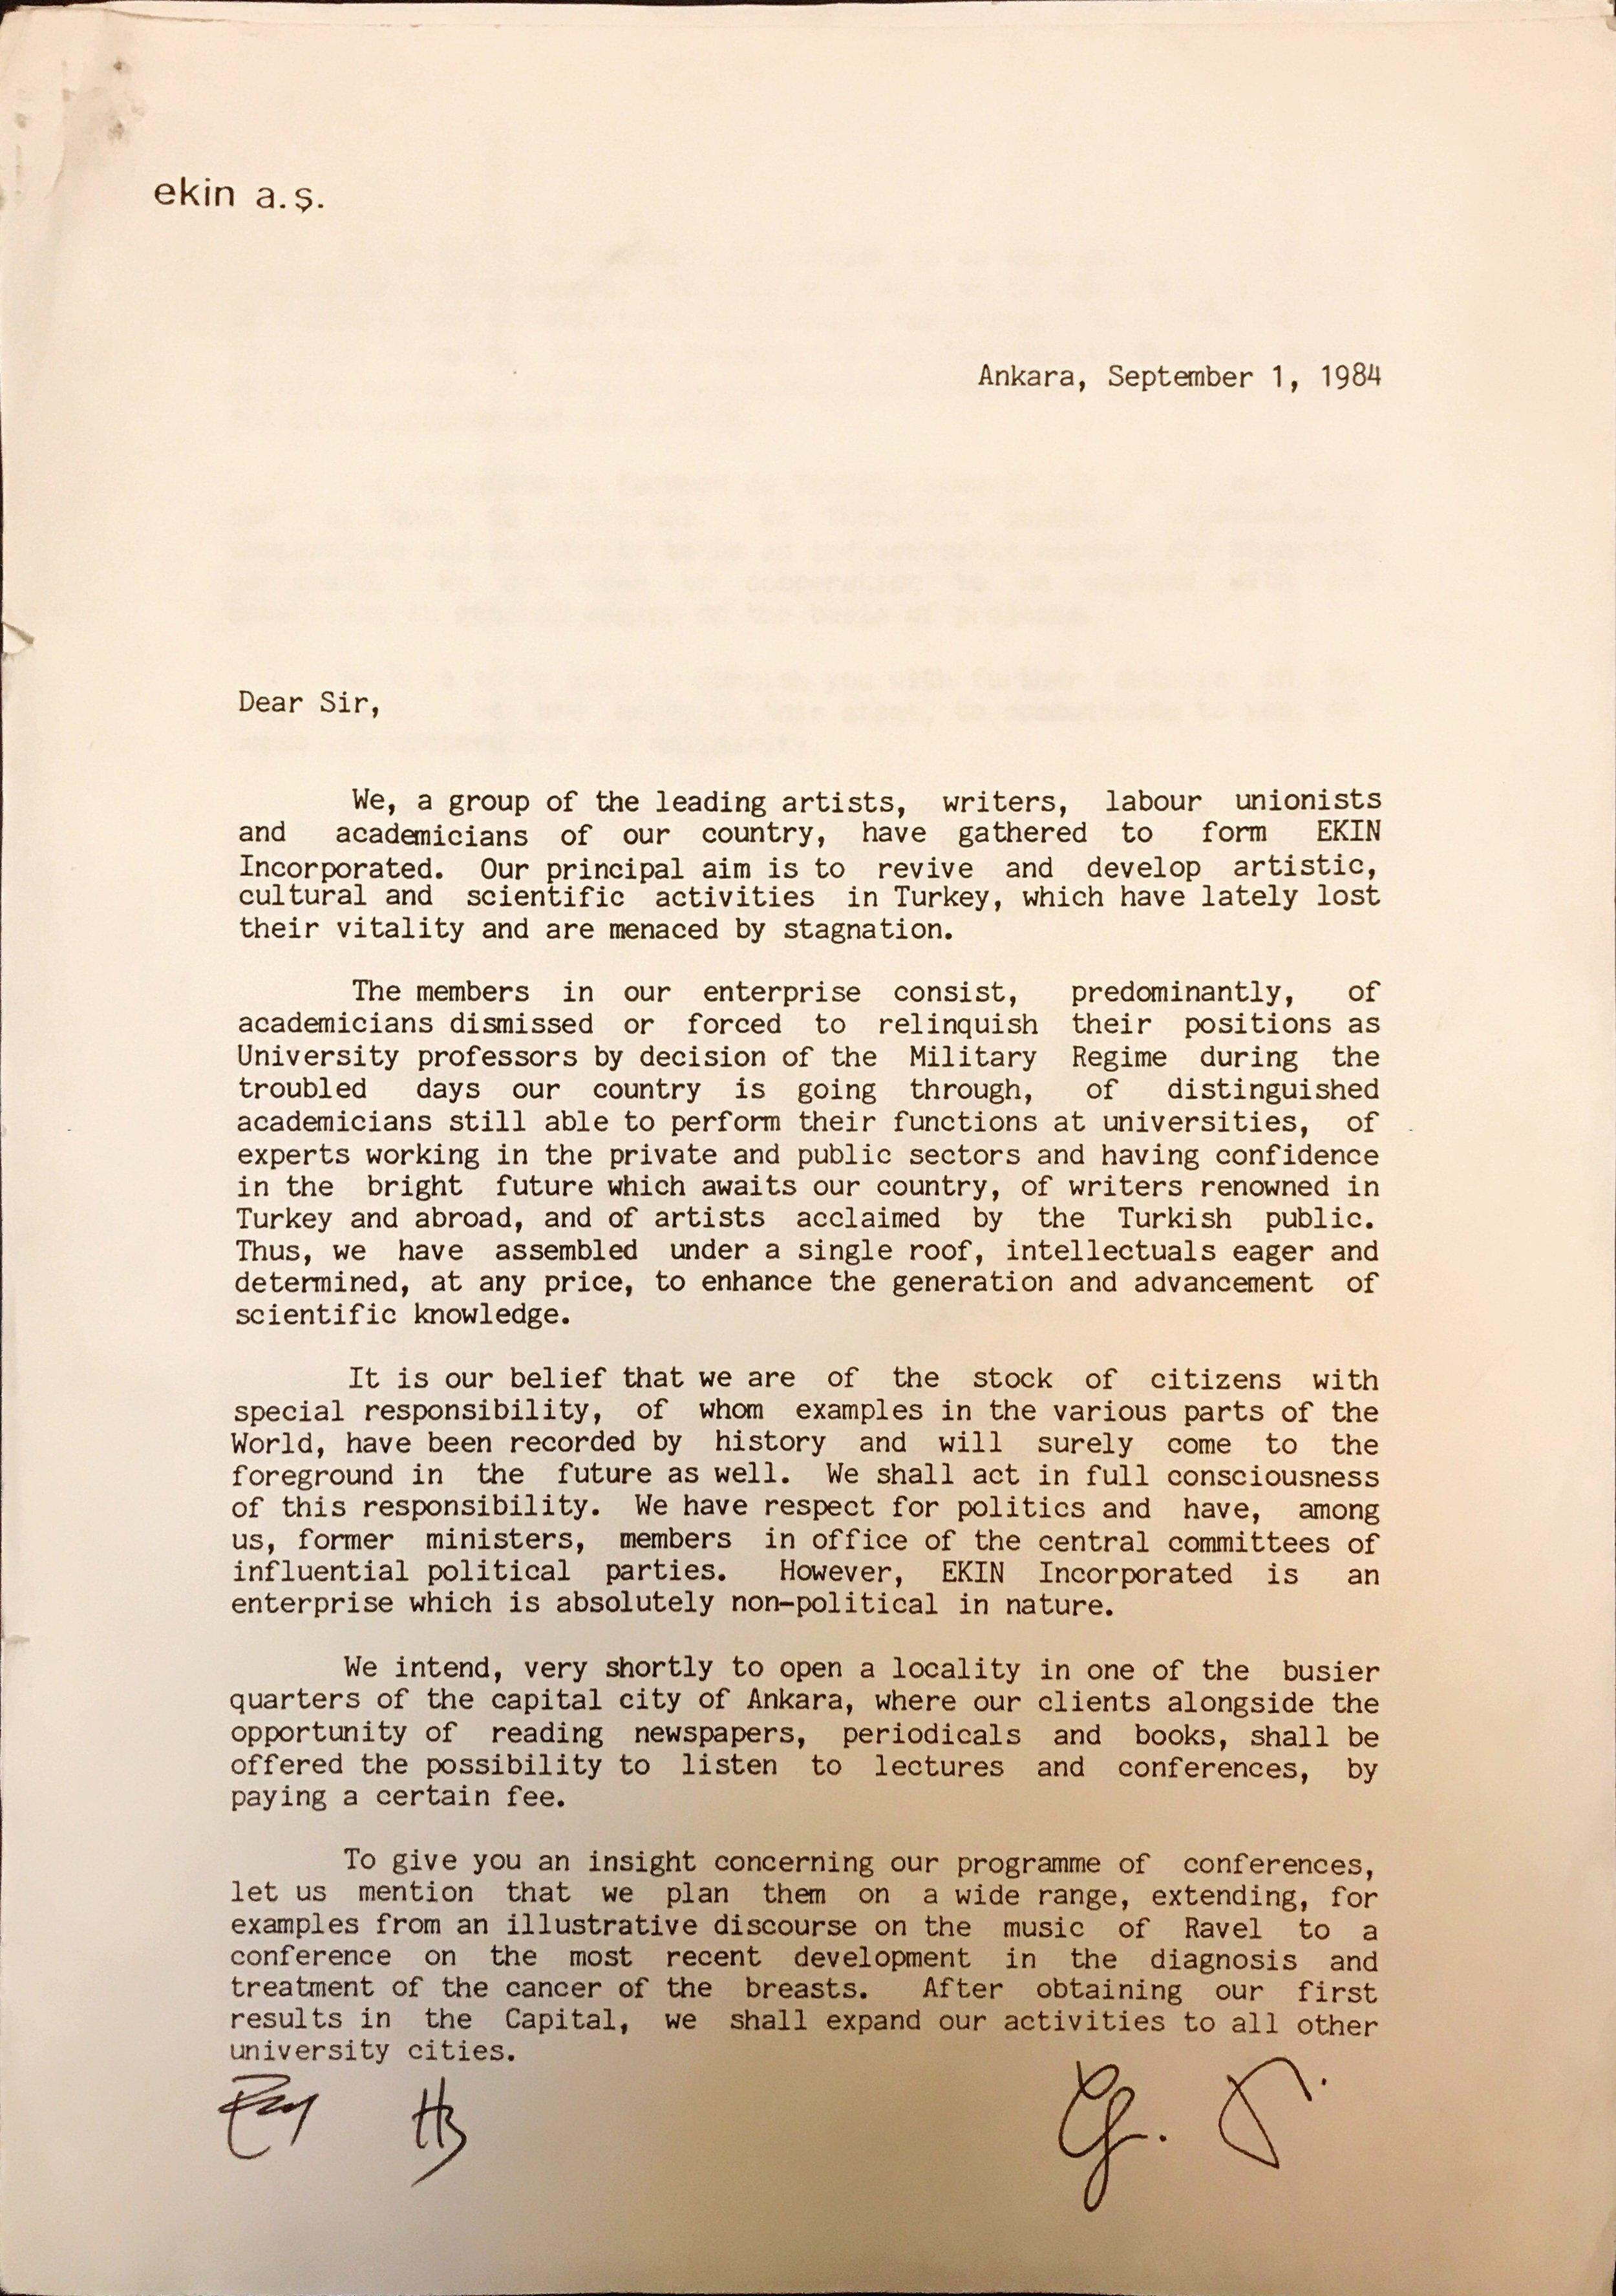 1984_letter_ekin-2.JPG